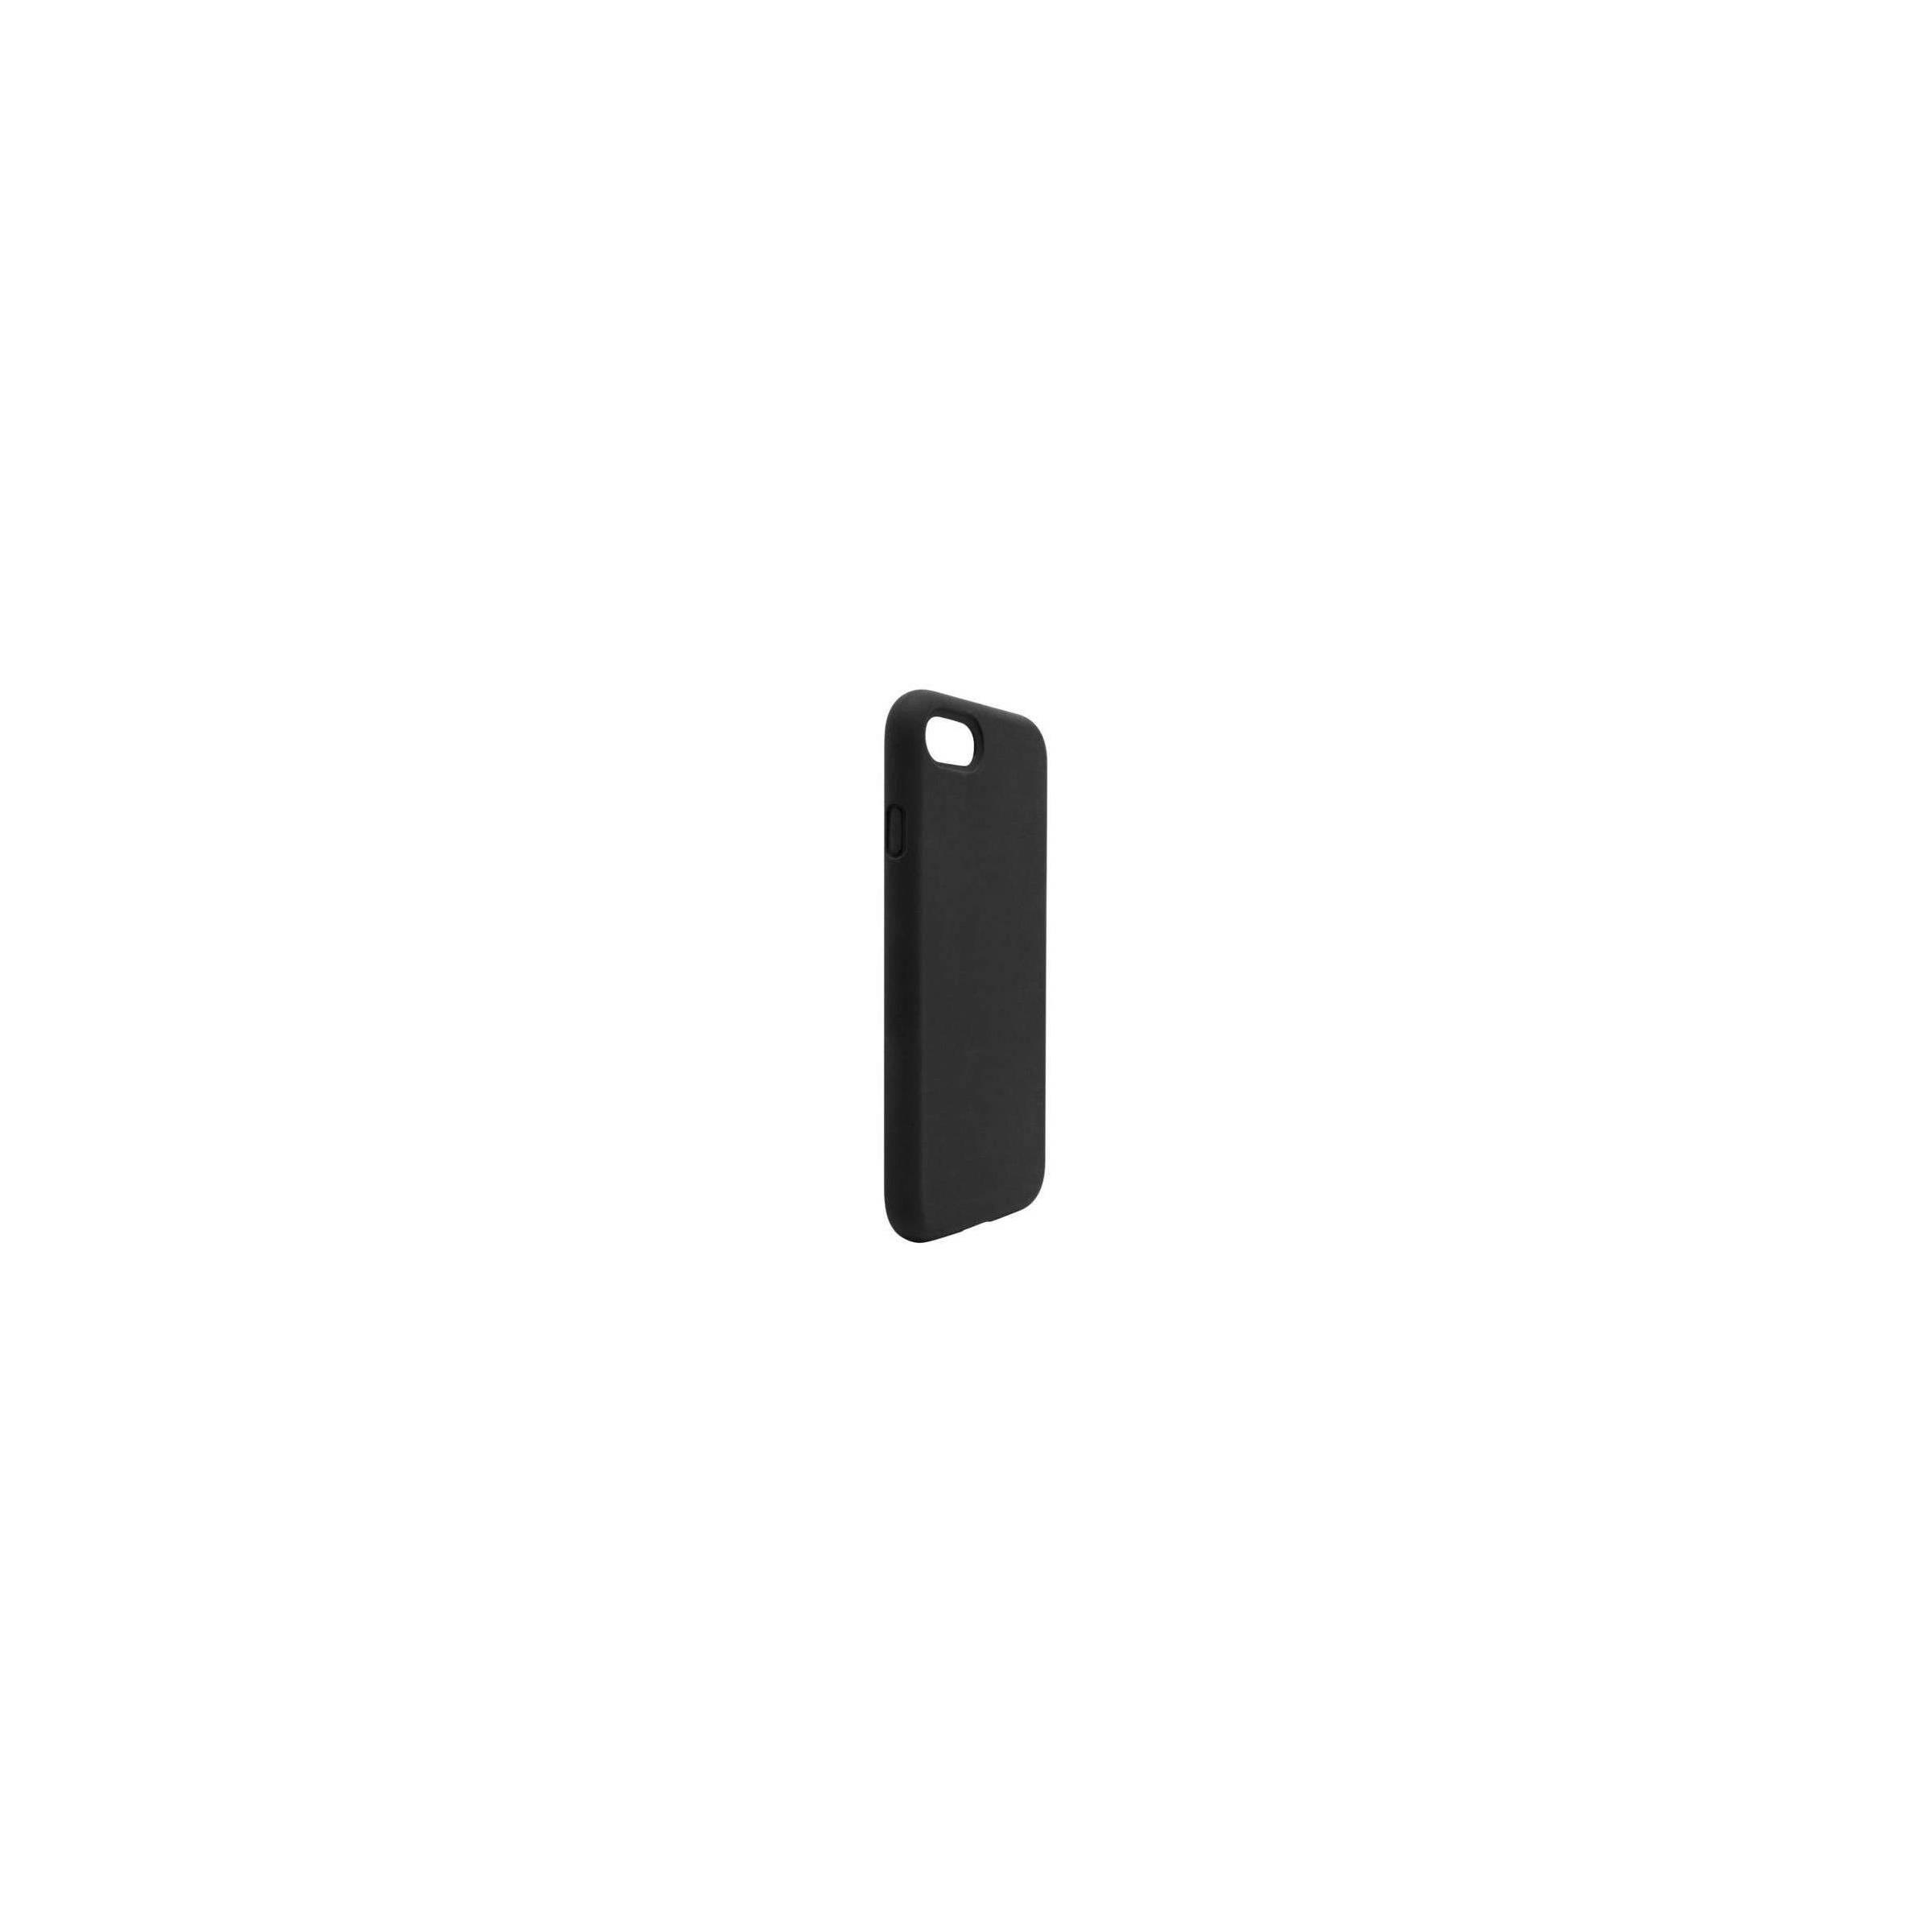 Bilde av Aiino - Strongly Case Cover Til Iphone 7 & 8, Farve Sort